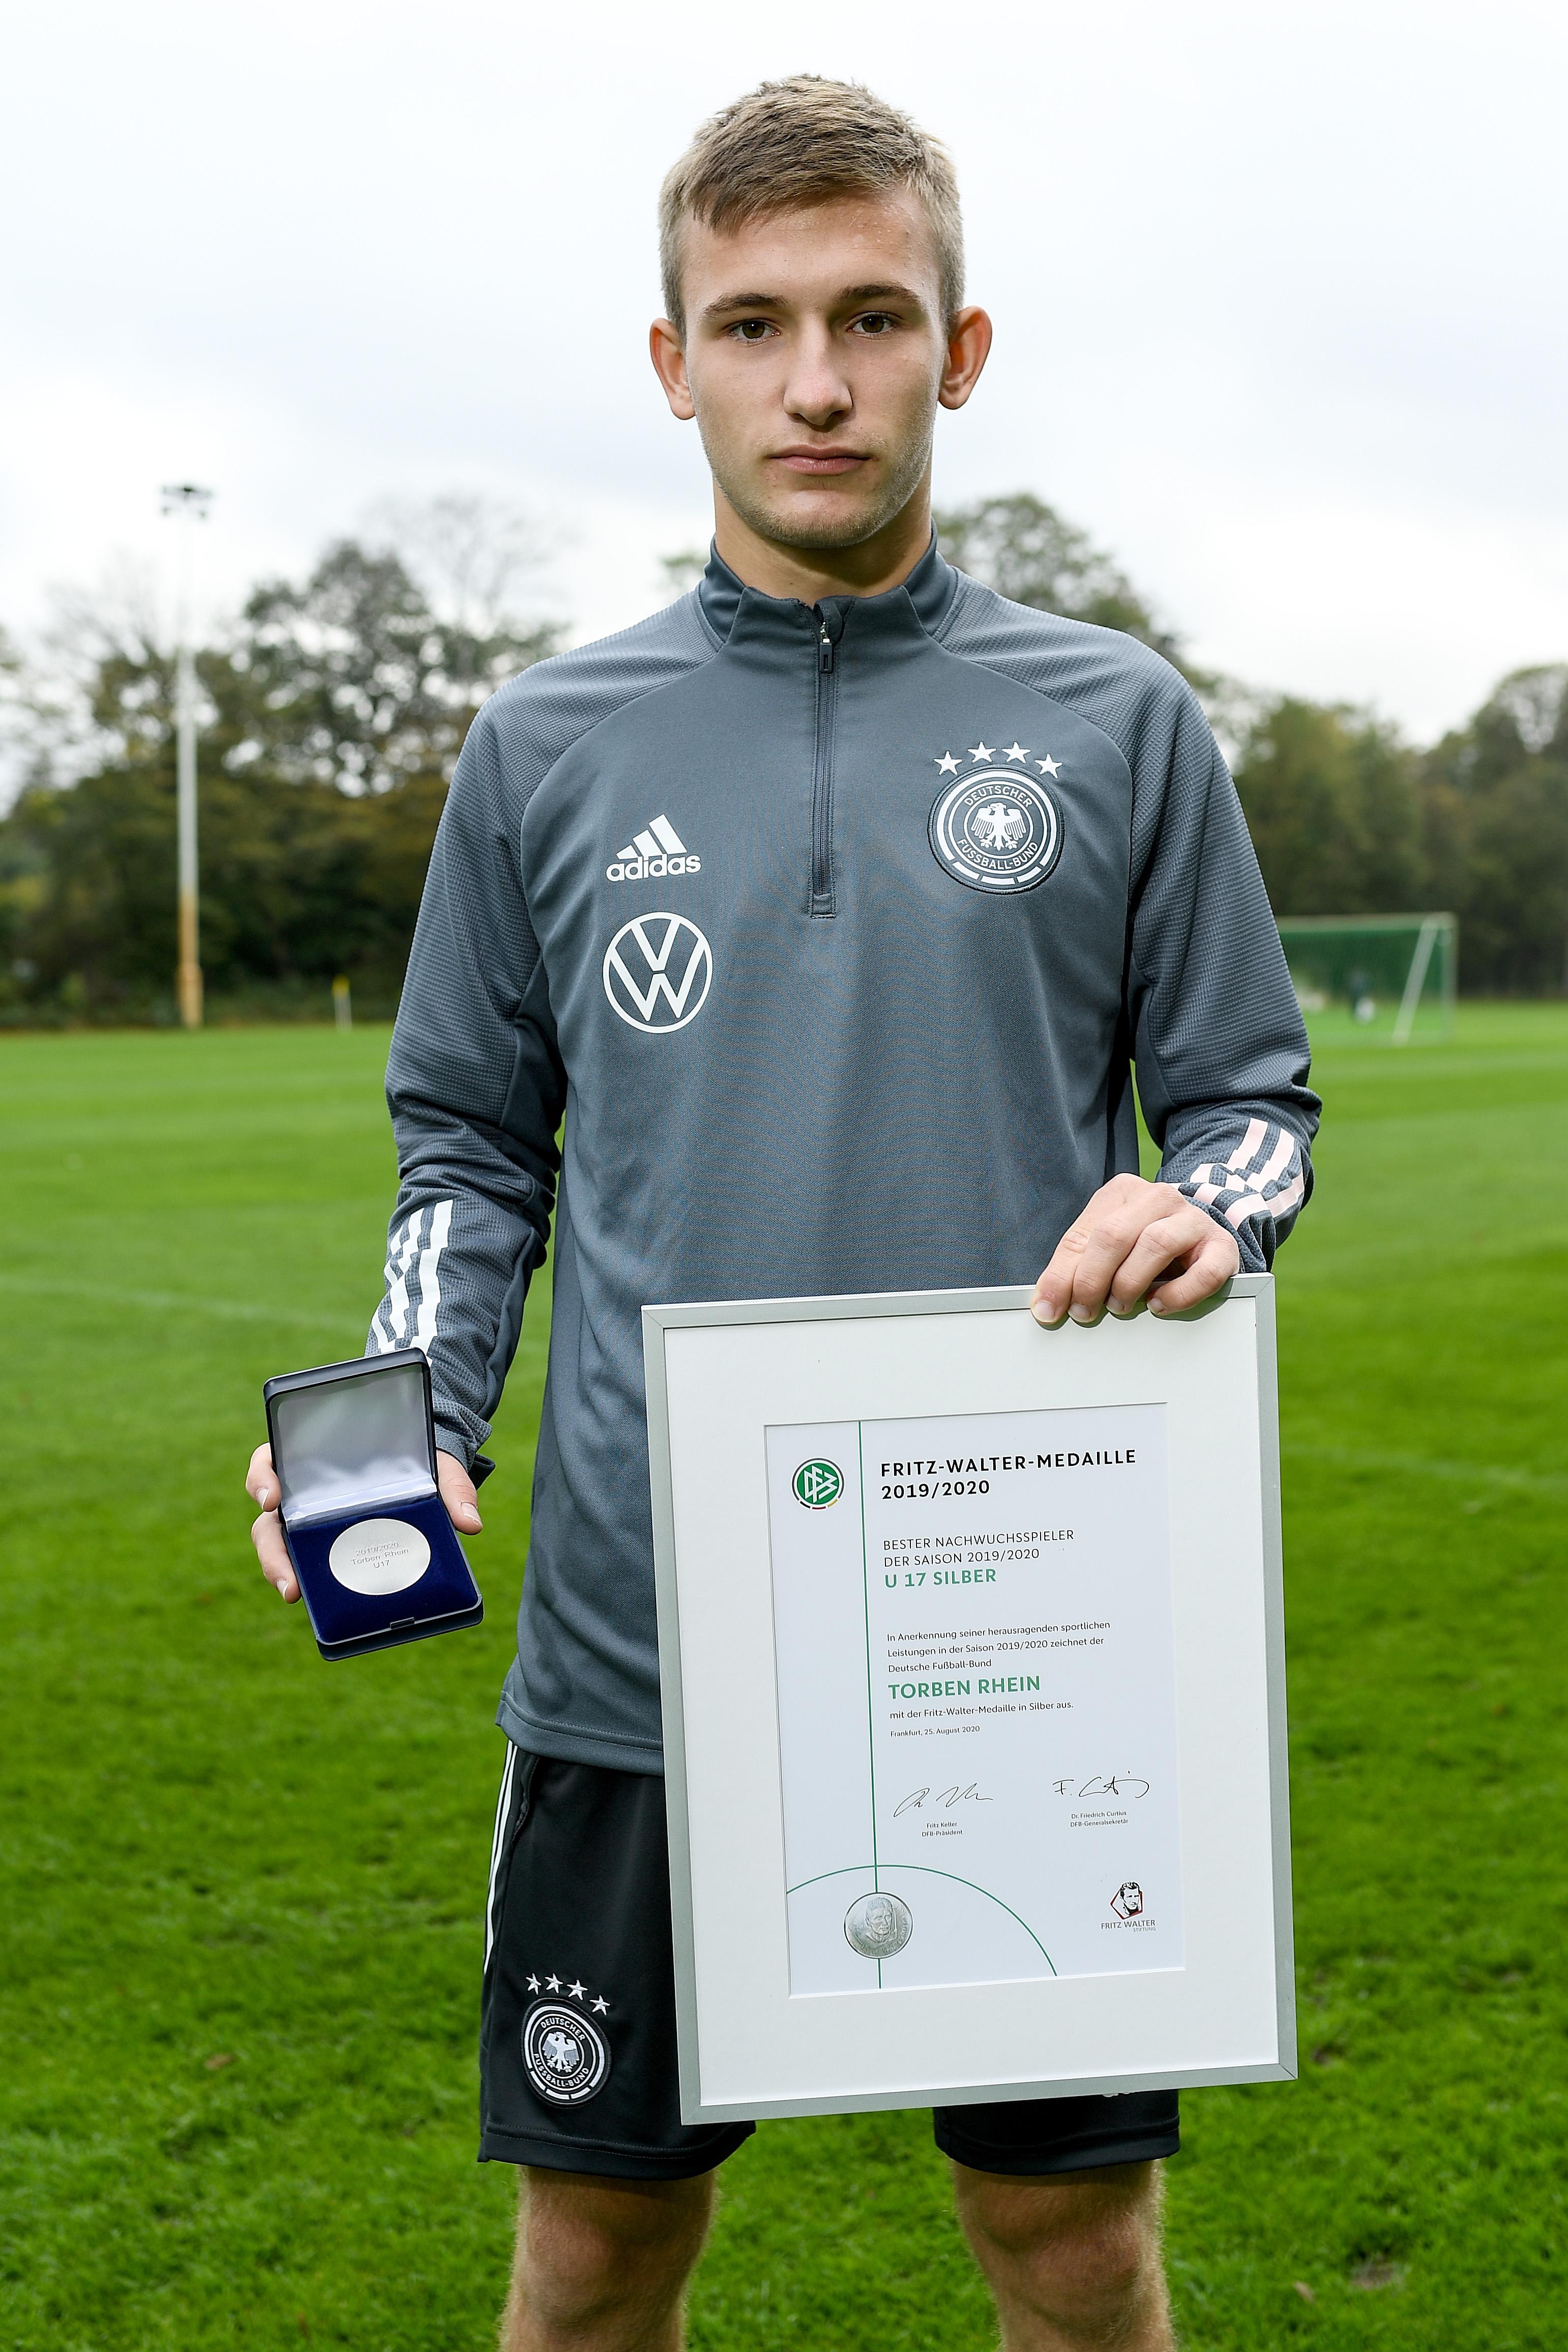 Fritz-Walter-Medals Awarding Ceremony